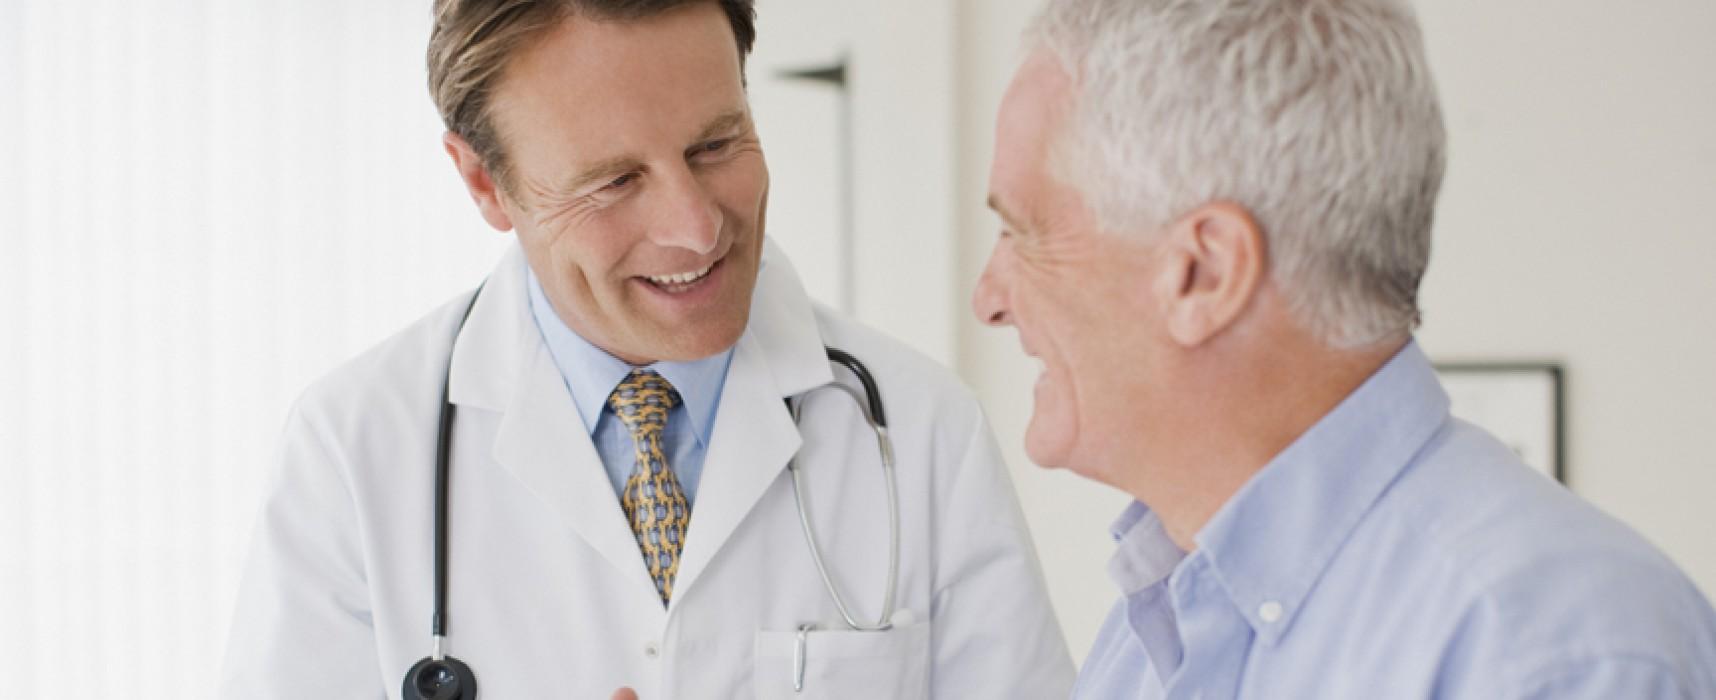 Профилактика преждевременного старения правильным питанием